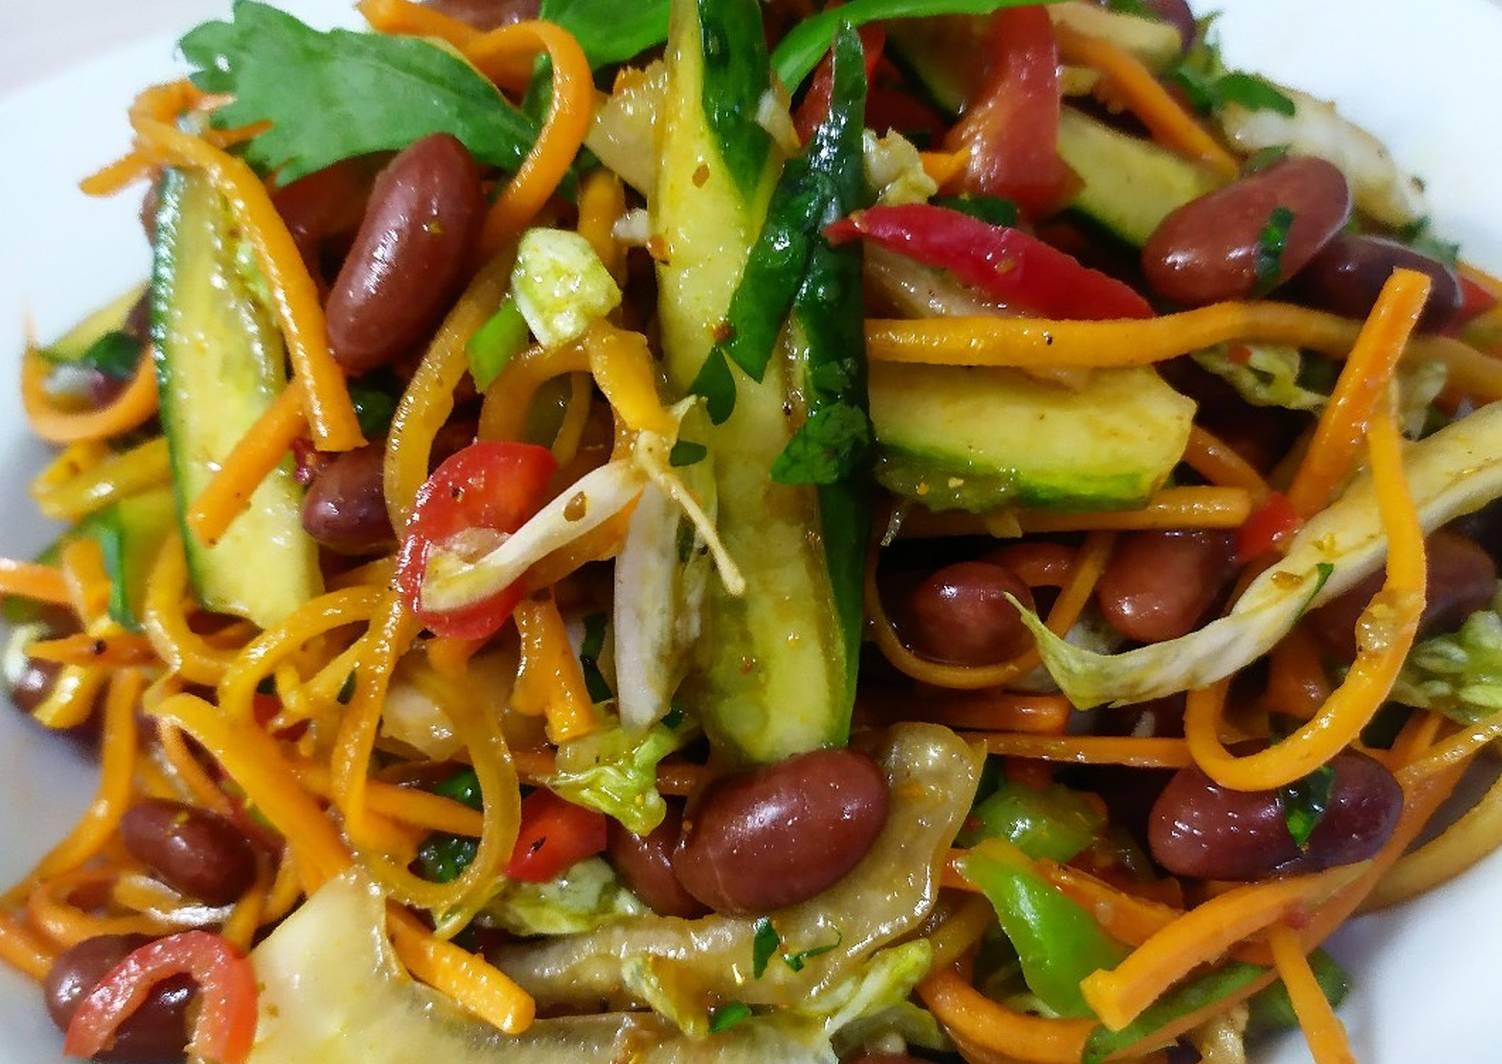 салат с фасолью фото пошагово предки использовали эту